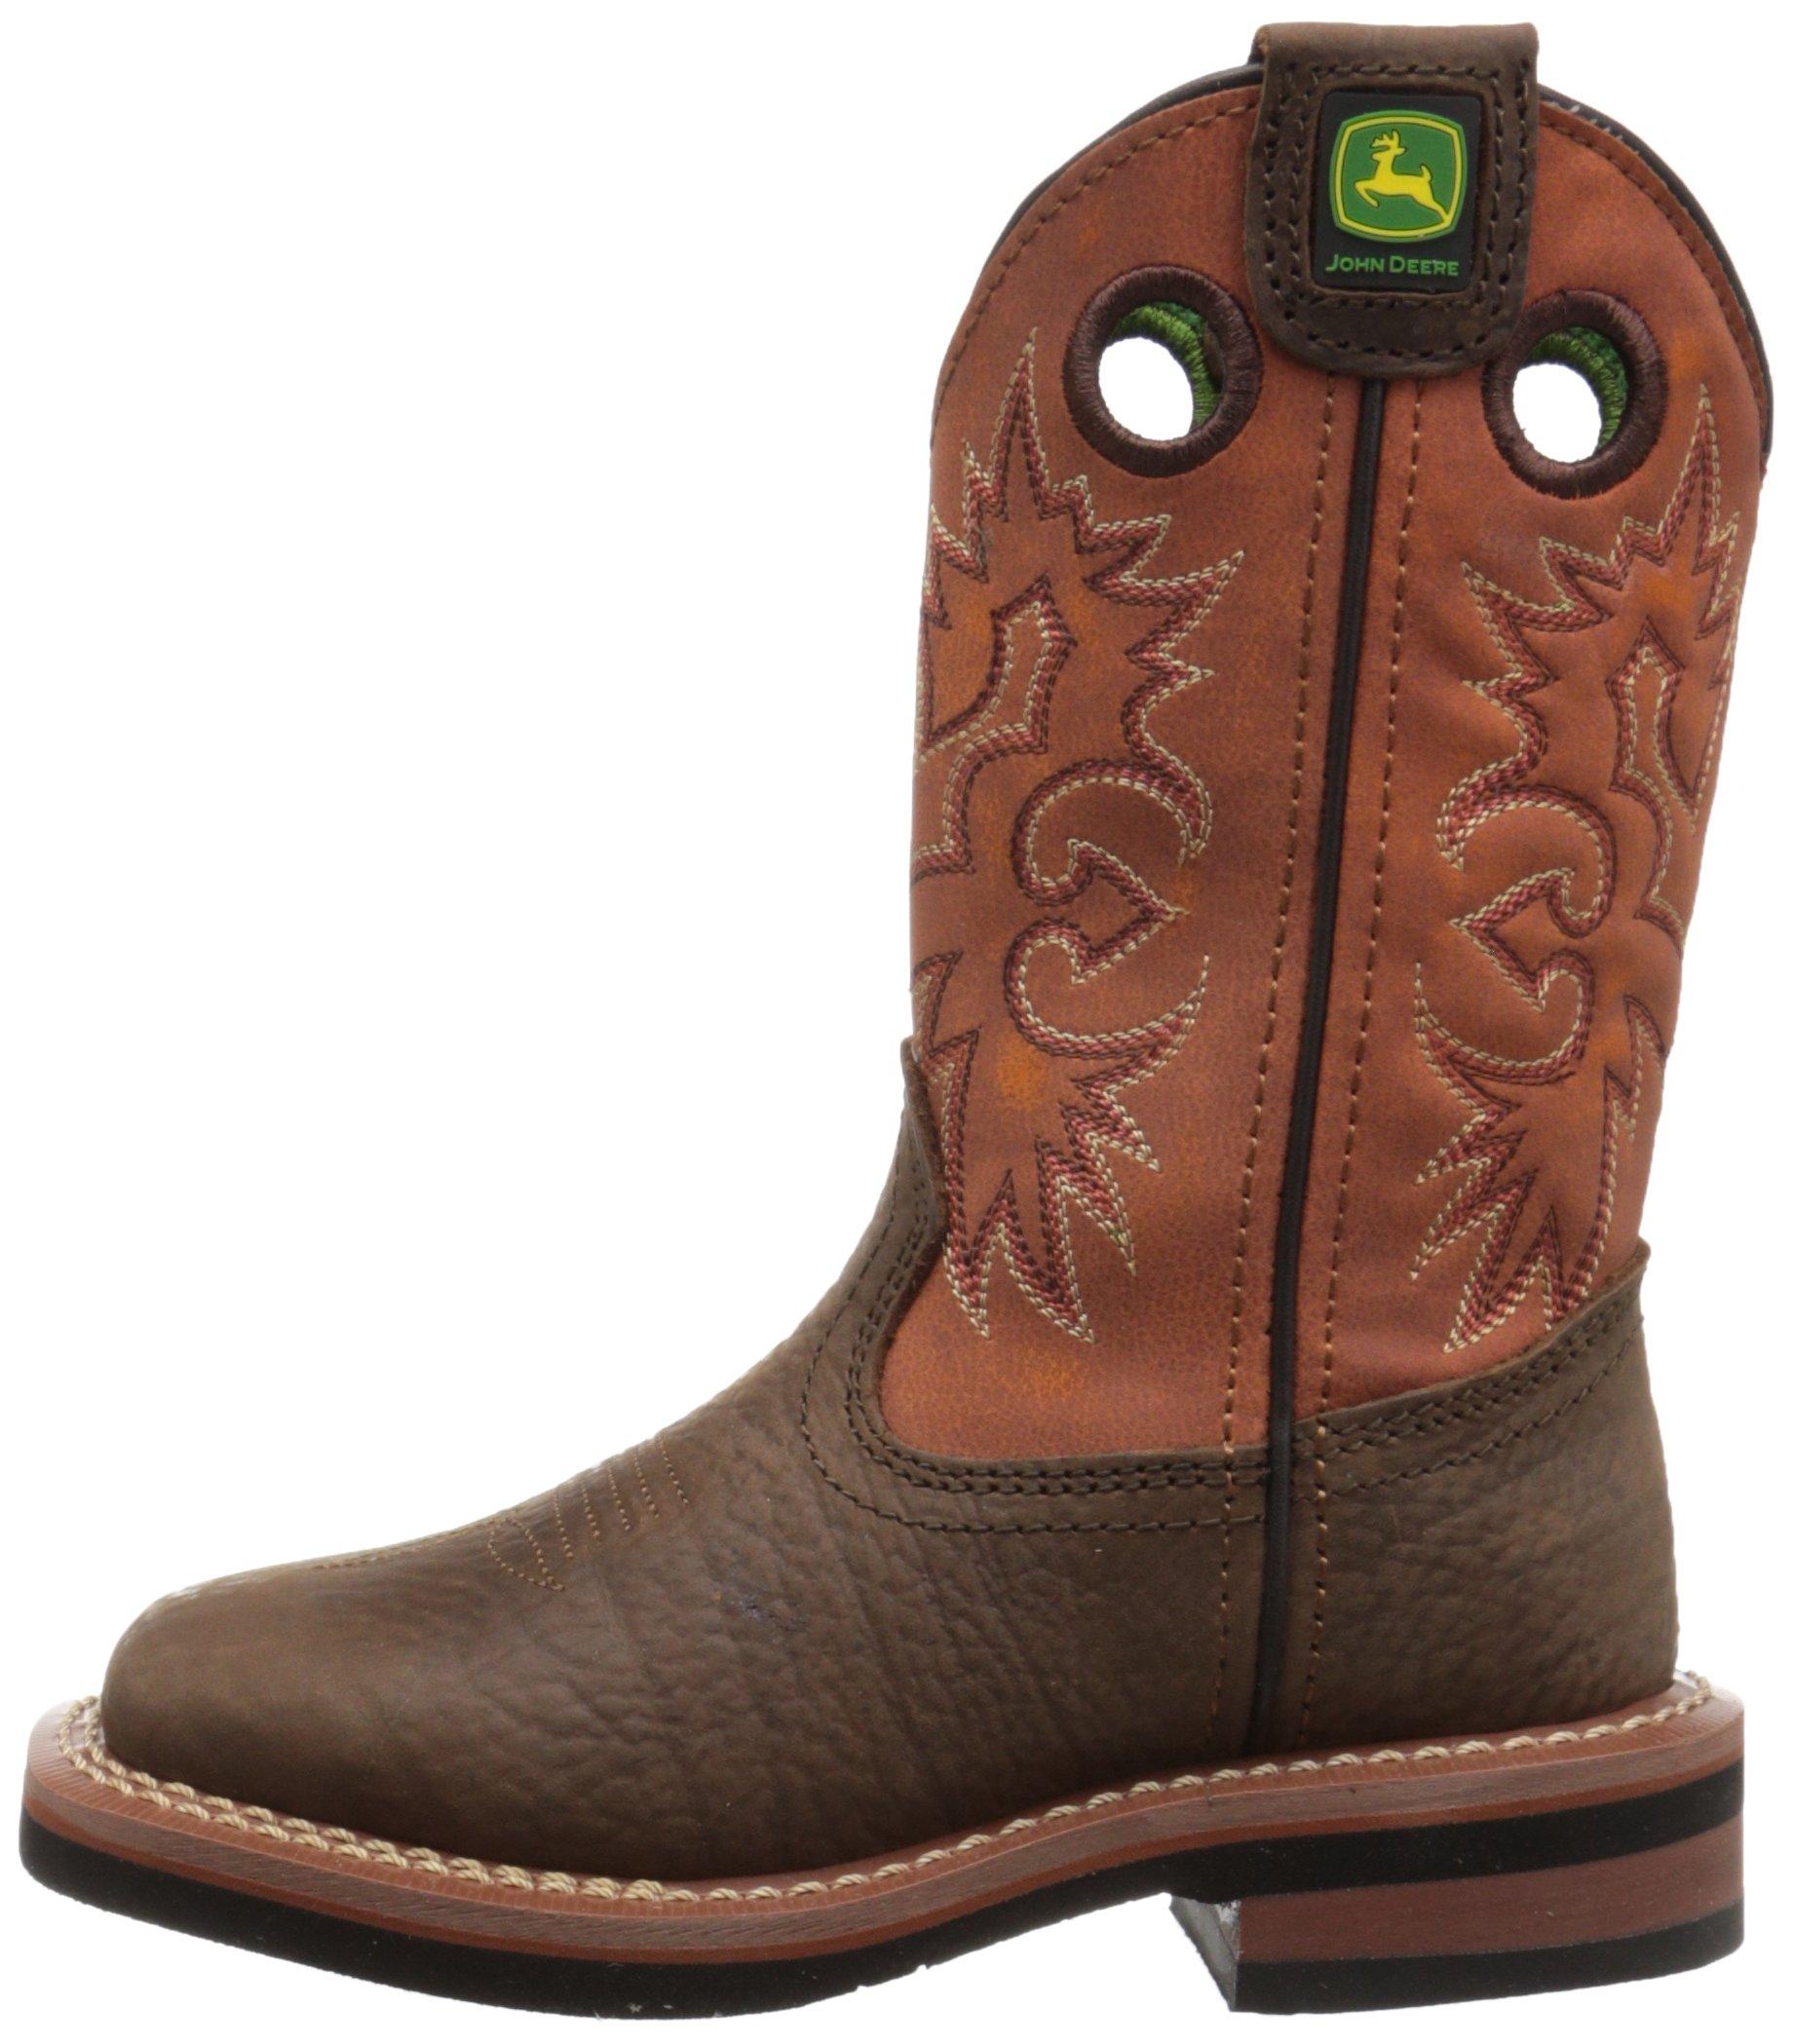 John Deere Children Pull-On Boot (Toddler/Little Kid)